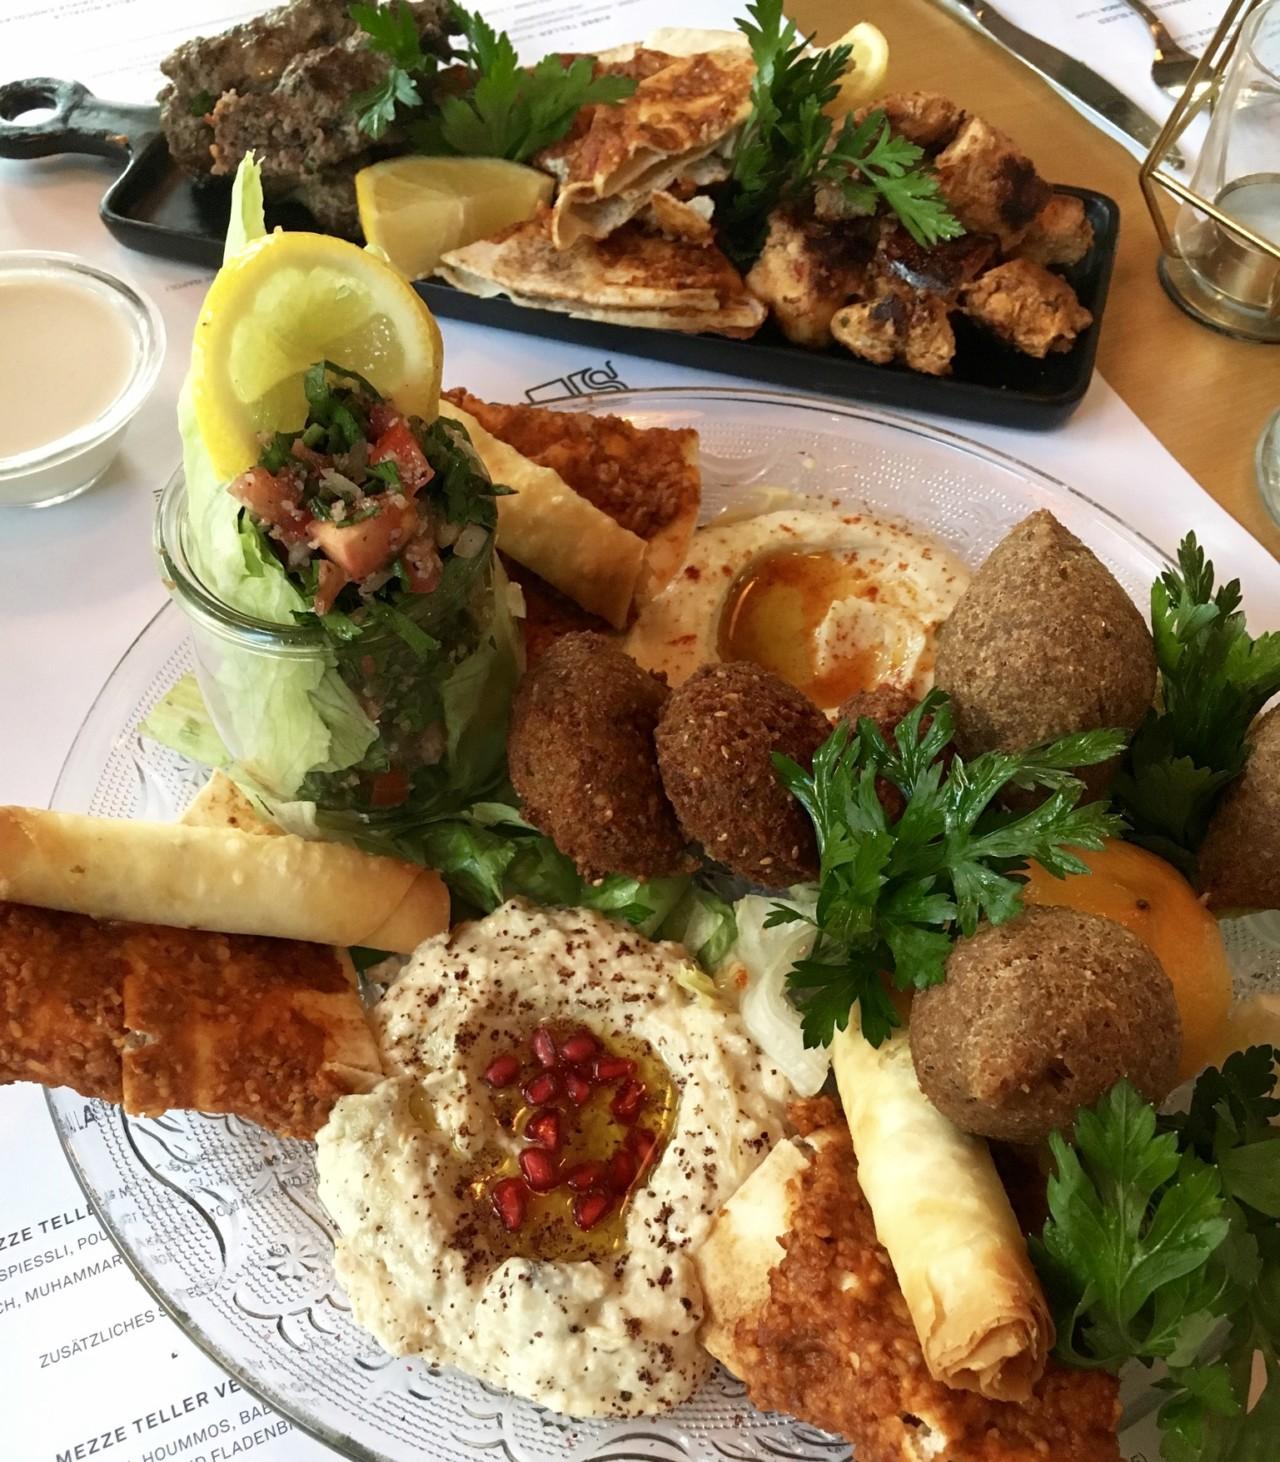 Auf den Mezze-Tellern ist für jeden Geschmack etwas dabei. Foto: Lunchgate/Nadine